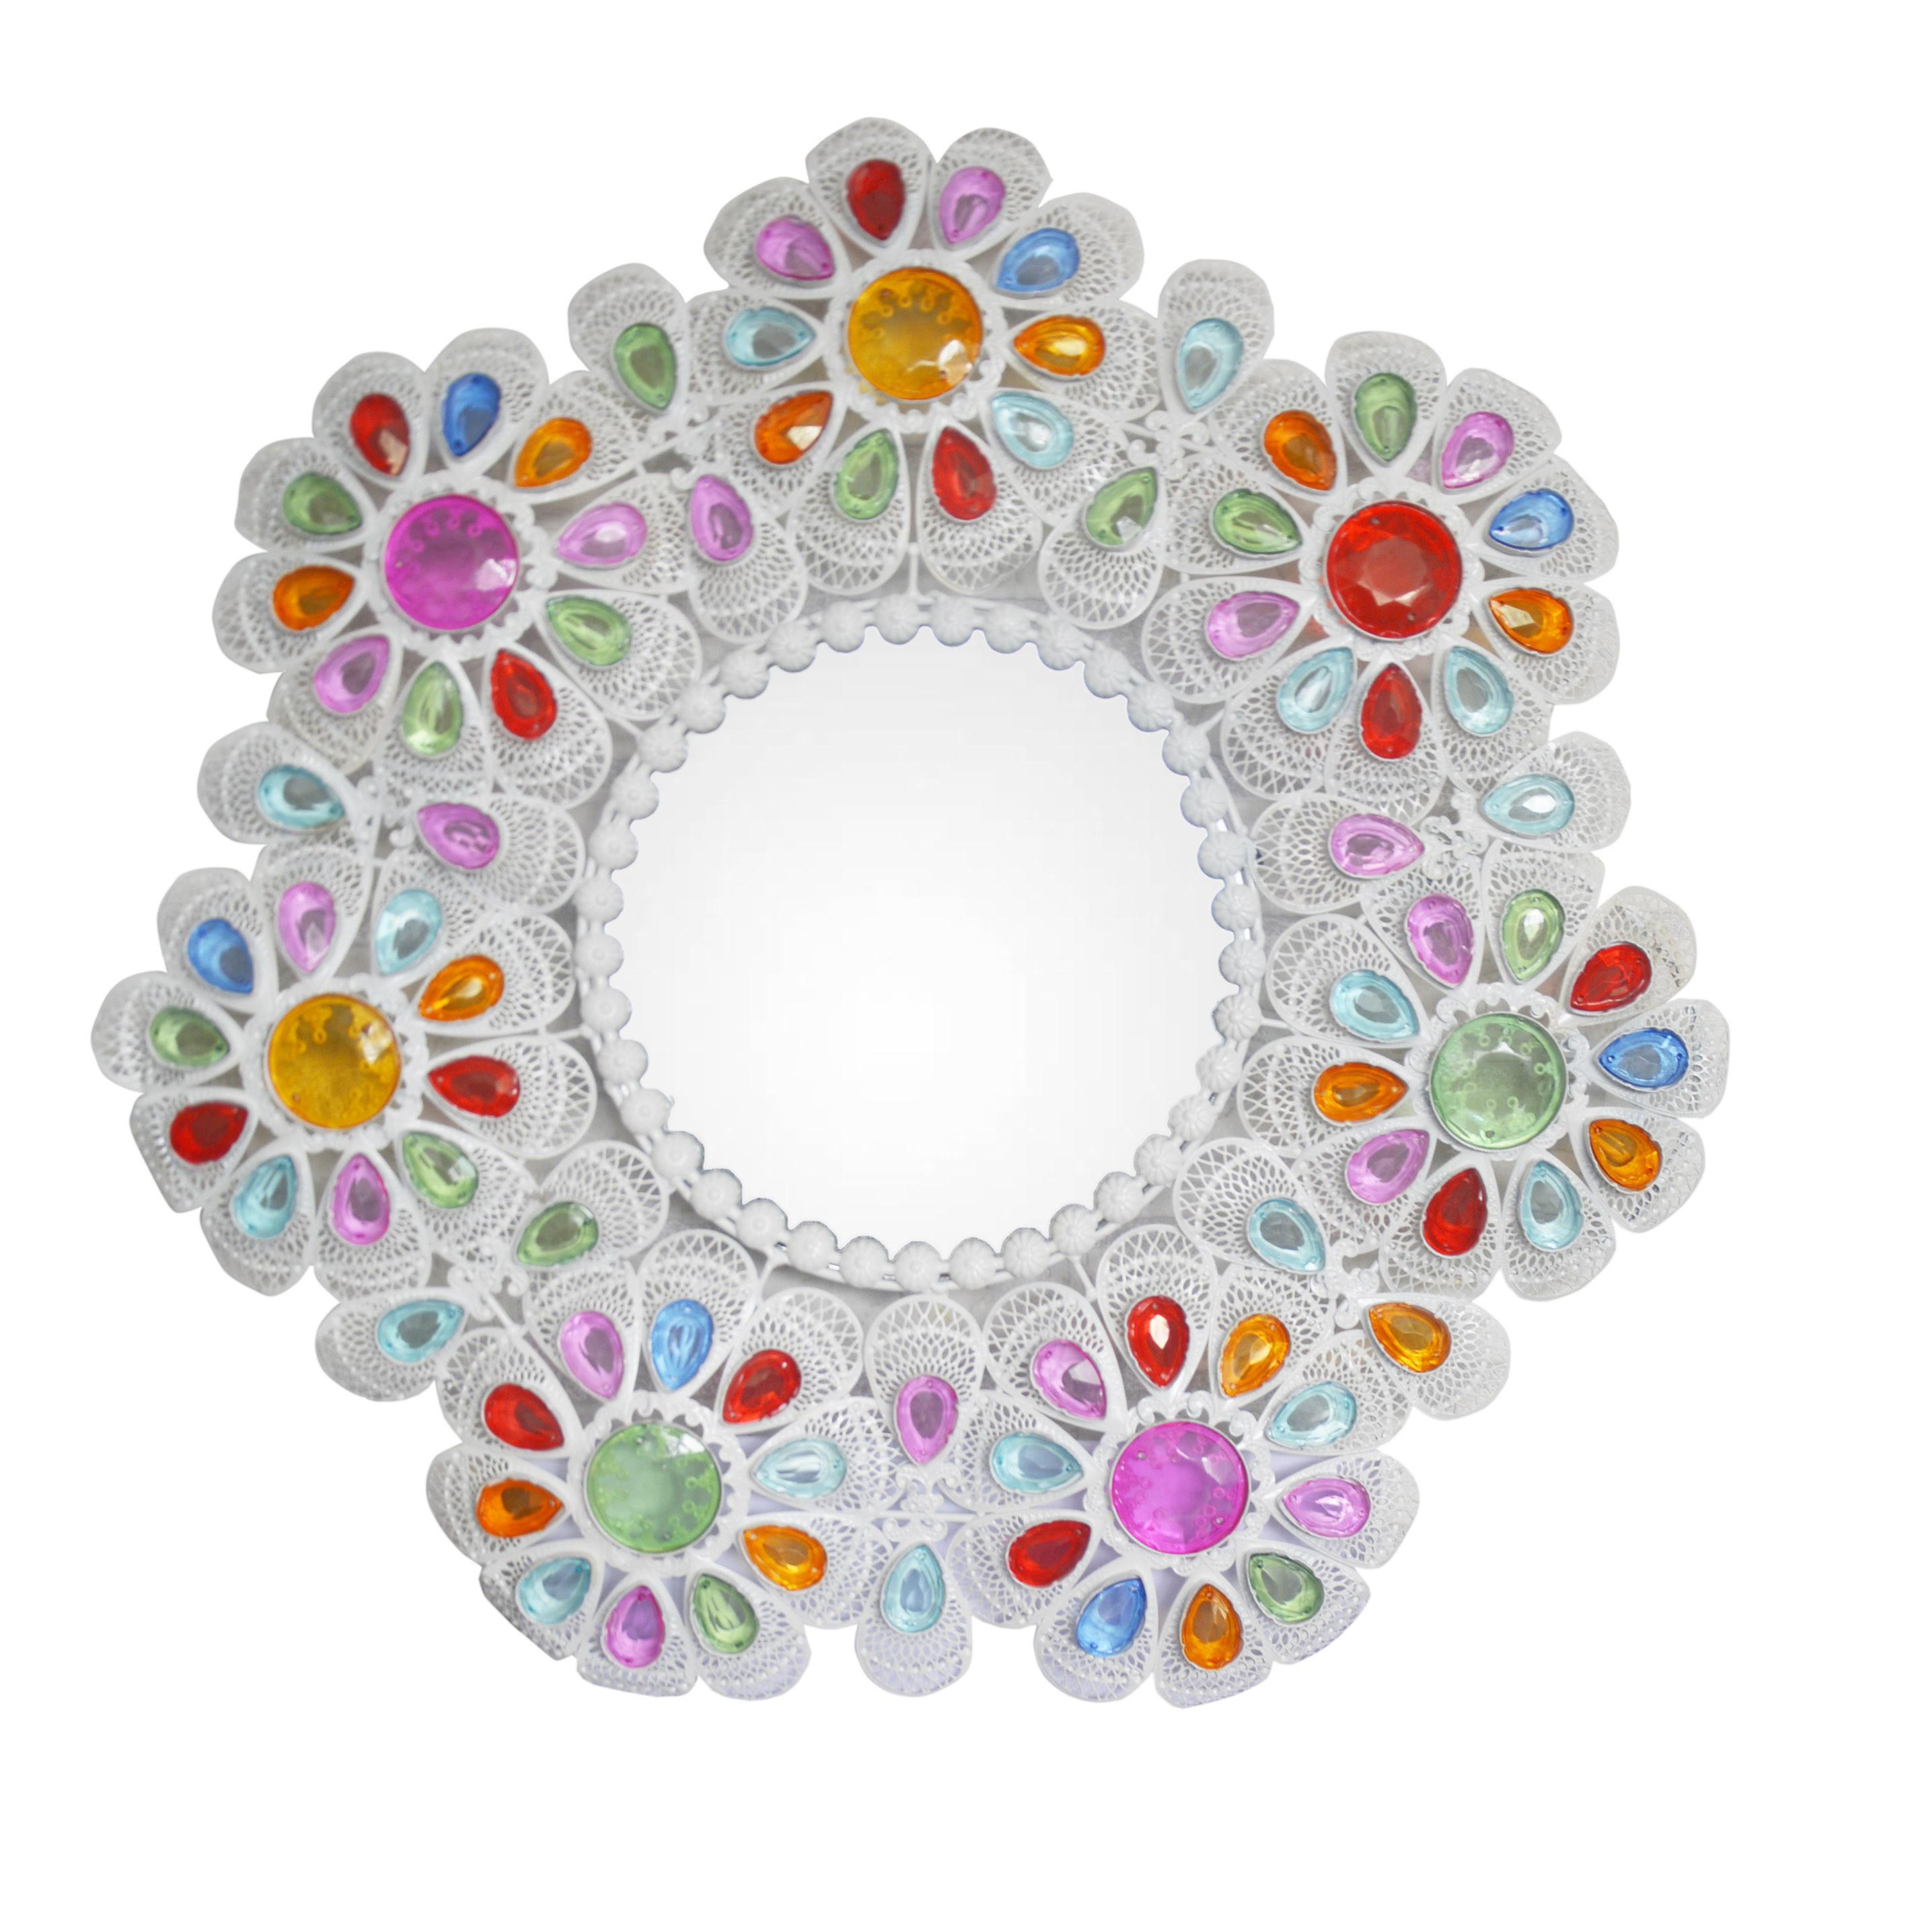 Espejo Pared Decorativo Redondo, Multicolor, de Metal con Gemas, para Dormitorio. Diseño Floral con estilo Vintage 55 cm